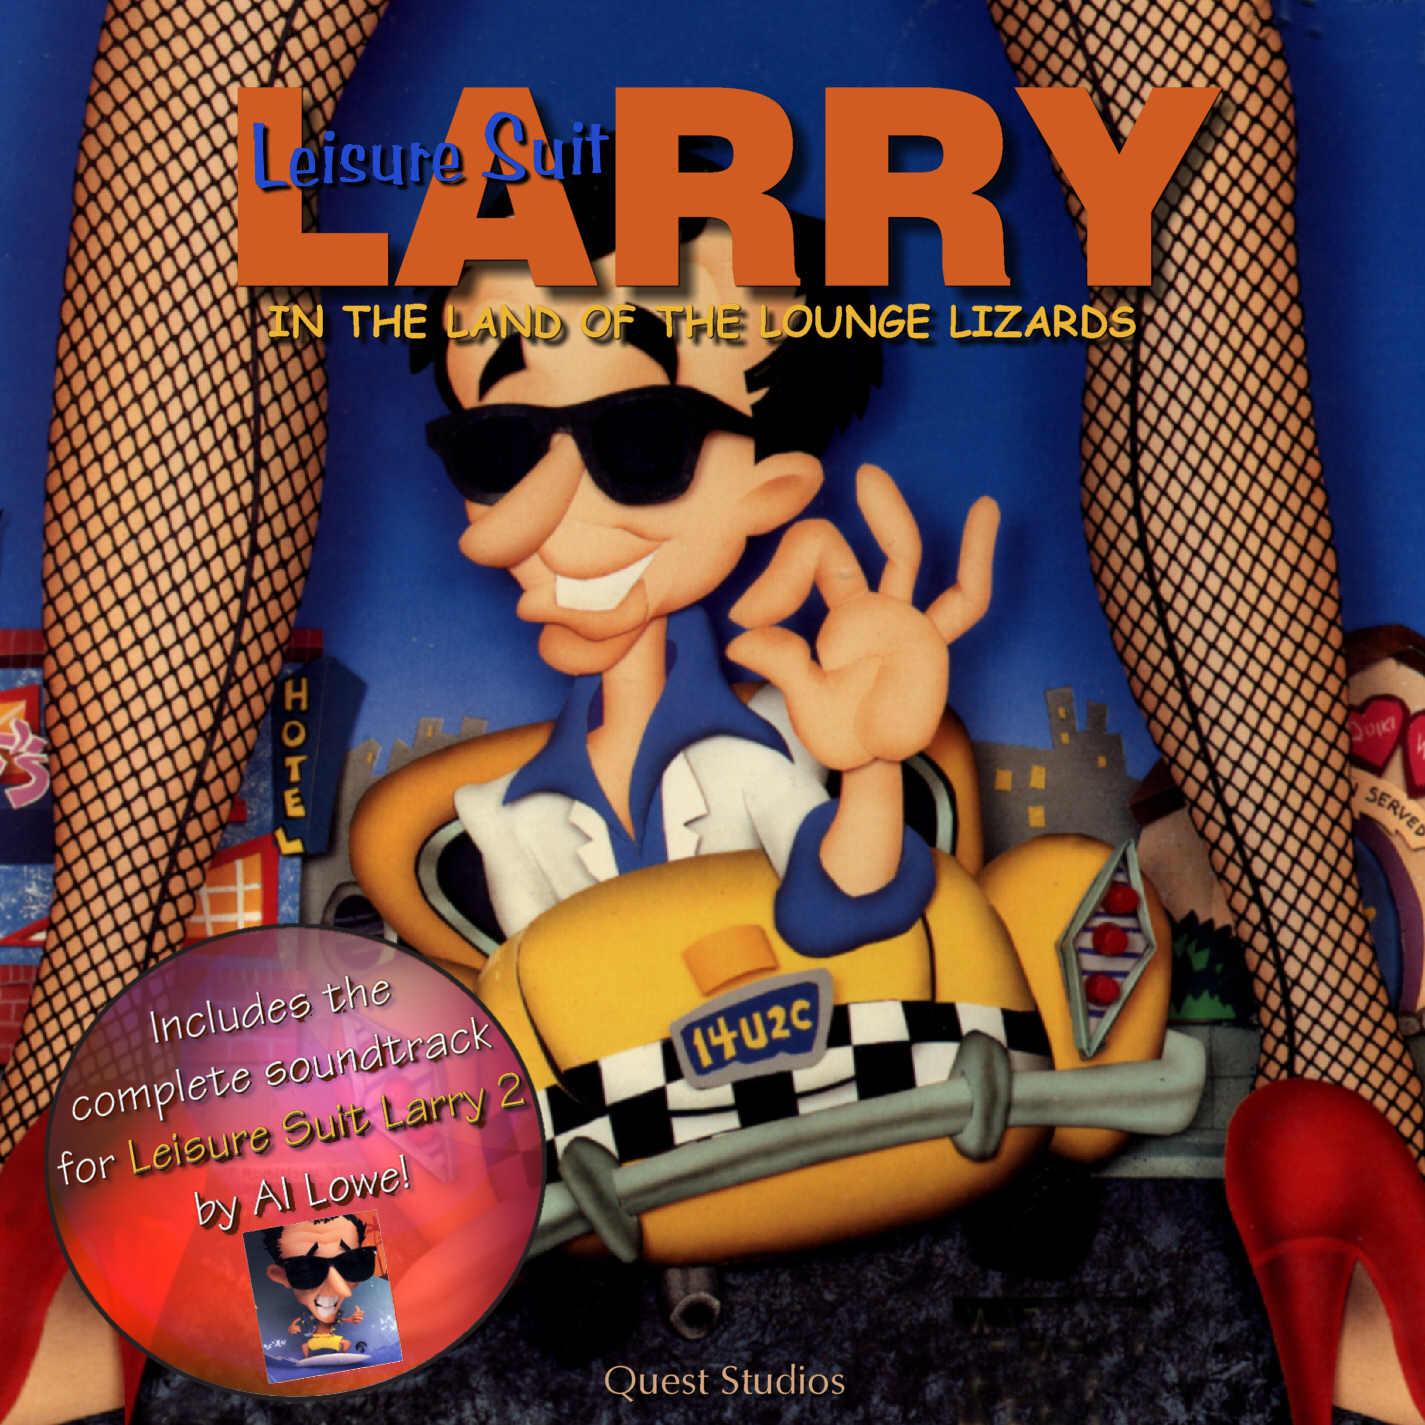 Leisure Suit Larry Online